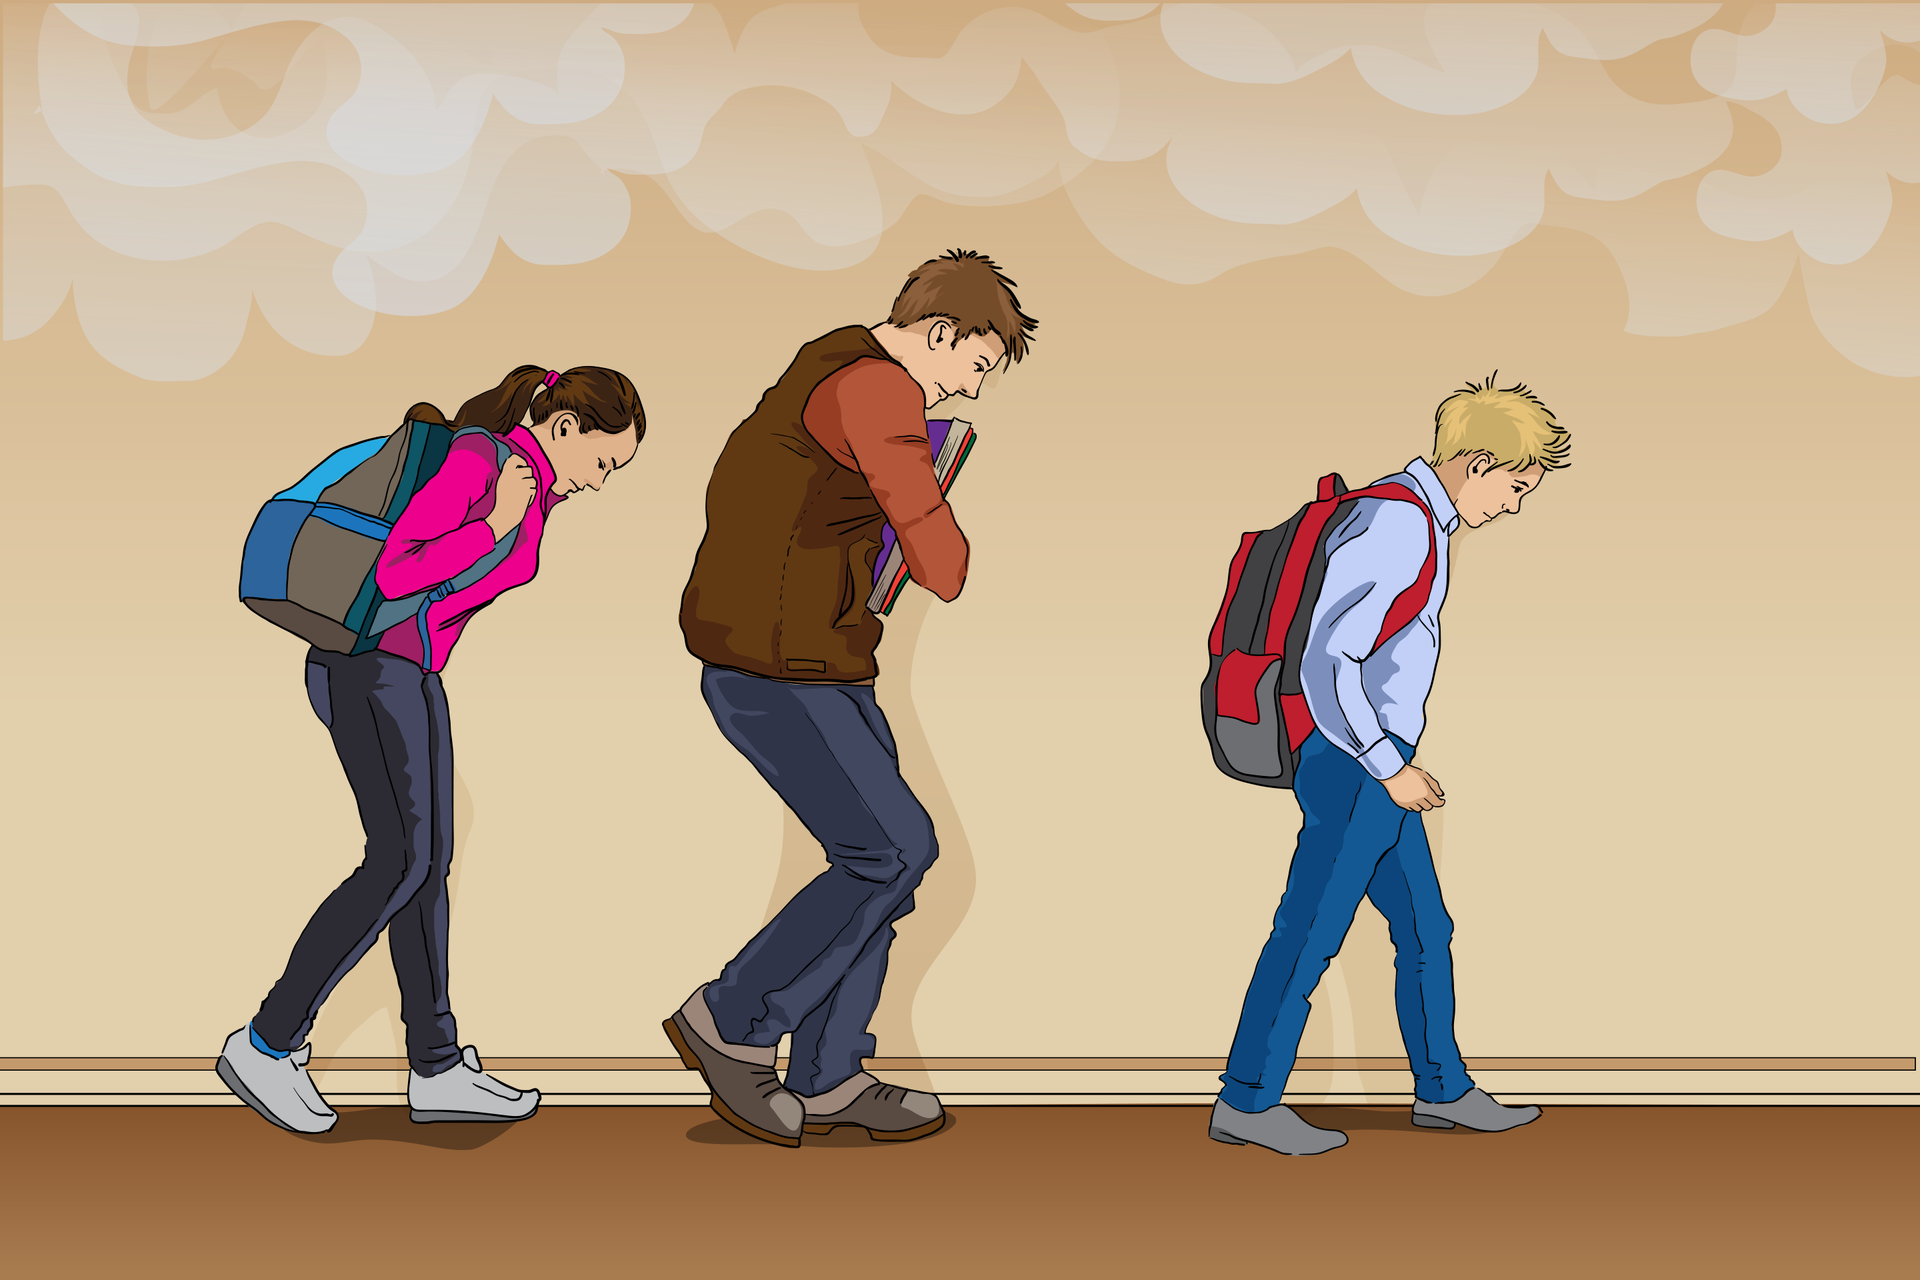 Rysunek przedstawia korytarz oglądany zboku. Wnętrze jest już mocno zadymione, uczniowie idą schyleni, trzymając głowy nisko iponiżej widocznej warstwy dymu. Cała trójka przemieszcza się przy ścianie, nie wychodząc na środek korytarza.